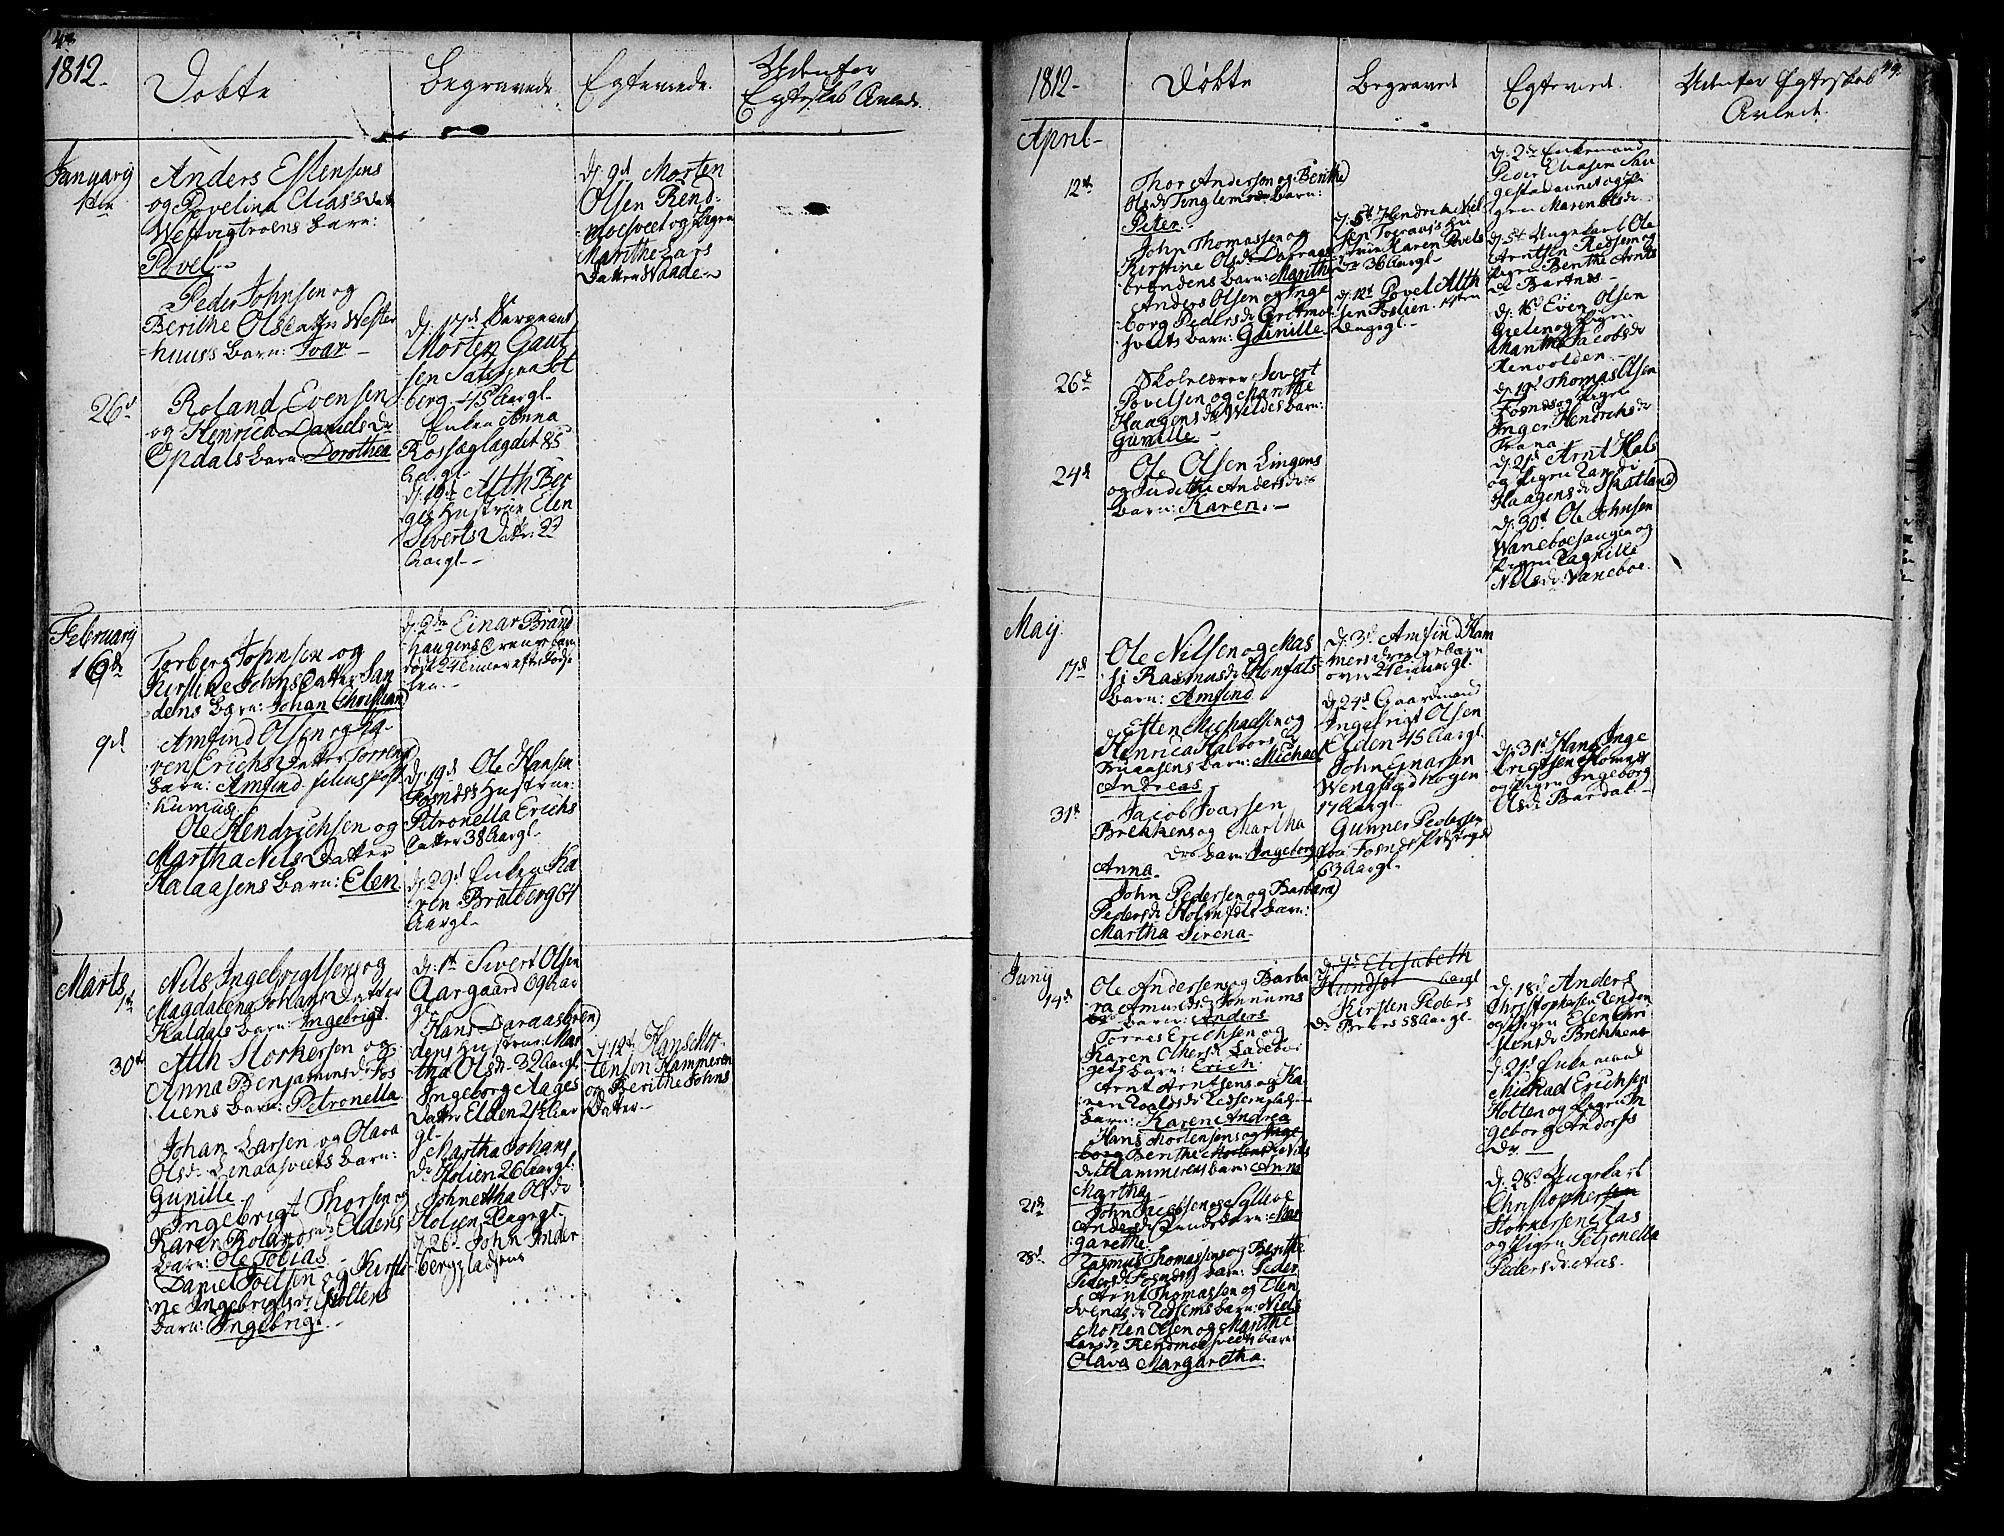 SAT, Ministerialprotokoller, klokkerbøker og fødselsregistre - Nord-Trøndelag, 741/L0386: Ministerialbok nr. 741A02, 1804-1816, s. 48-49